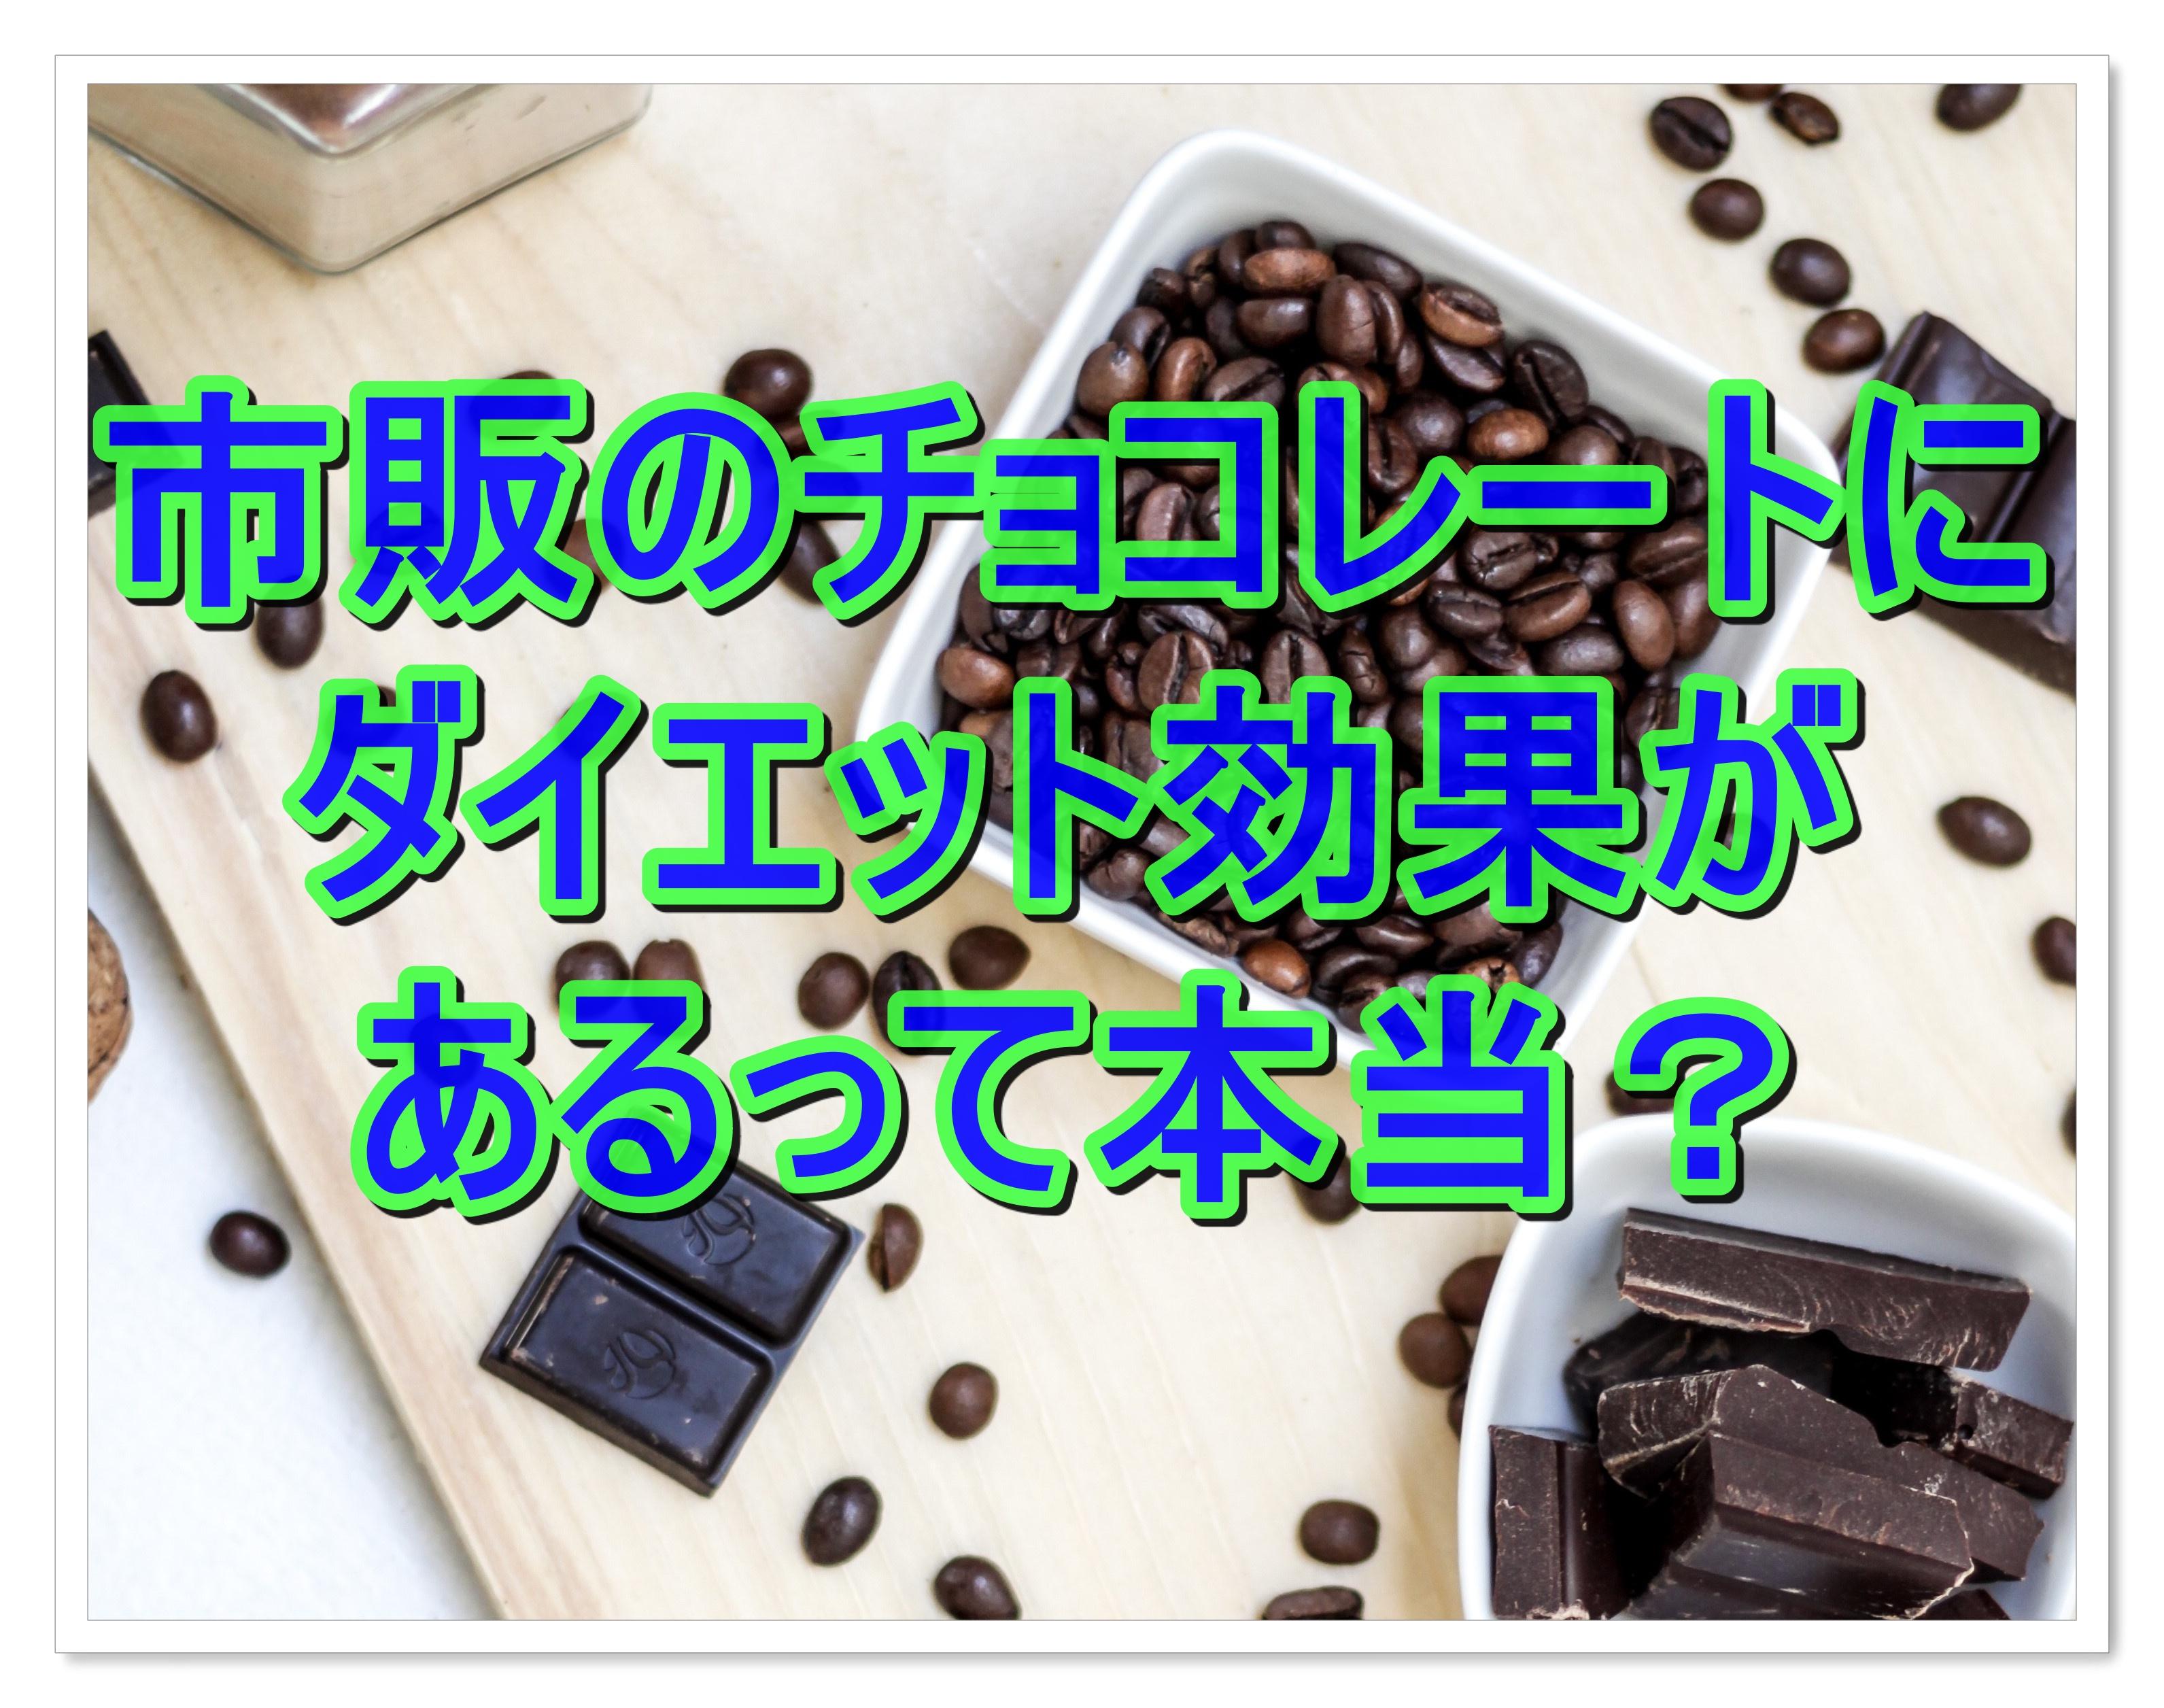 ダイエットに市販のチョコレートが効果があるって本当?